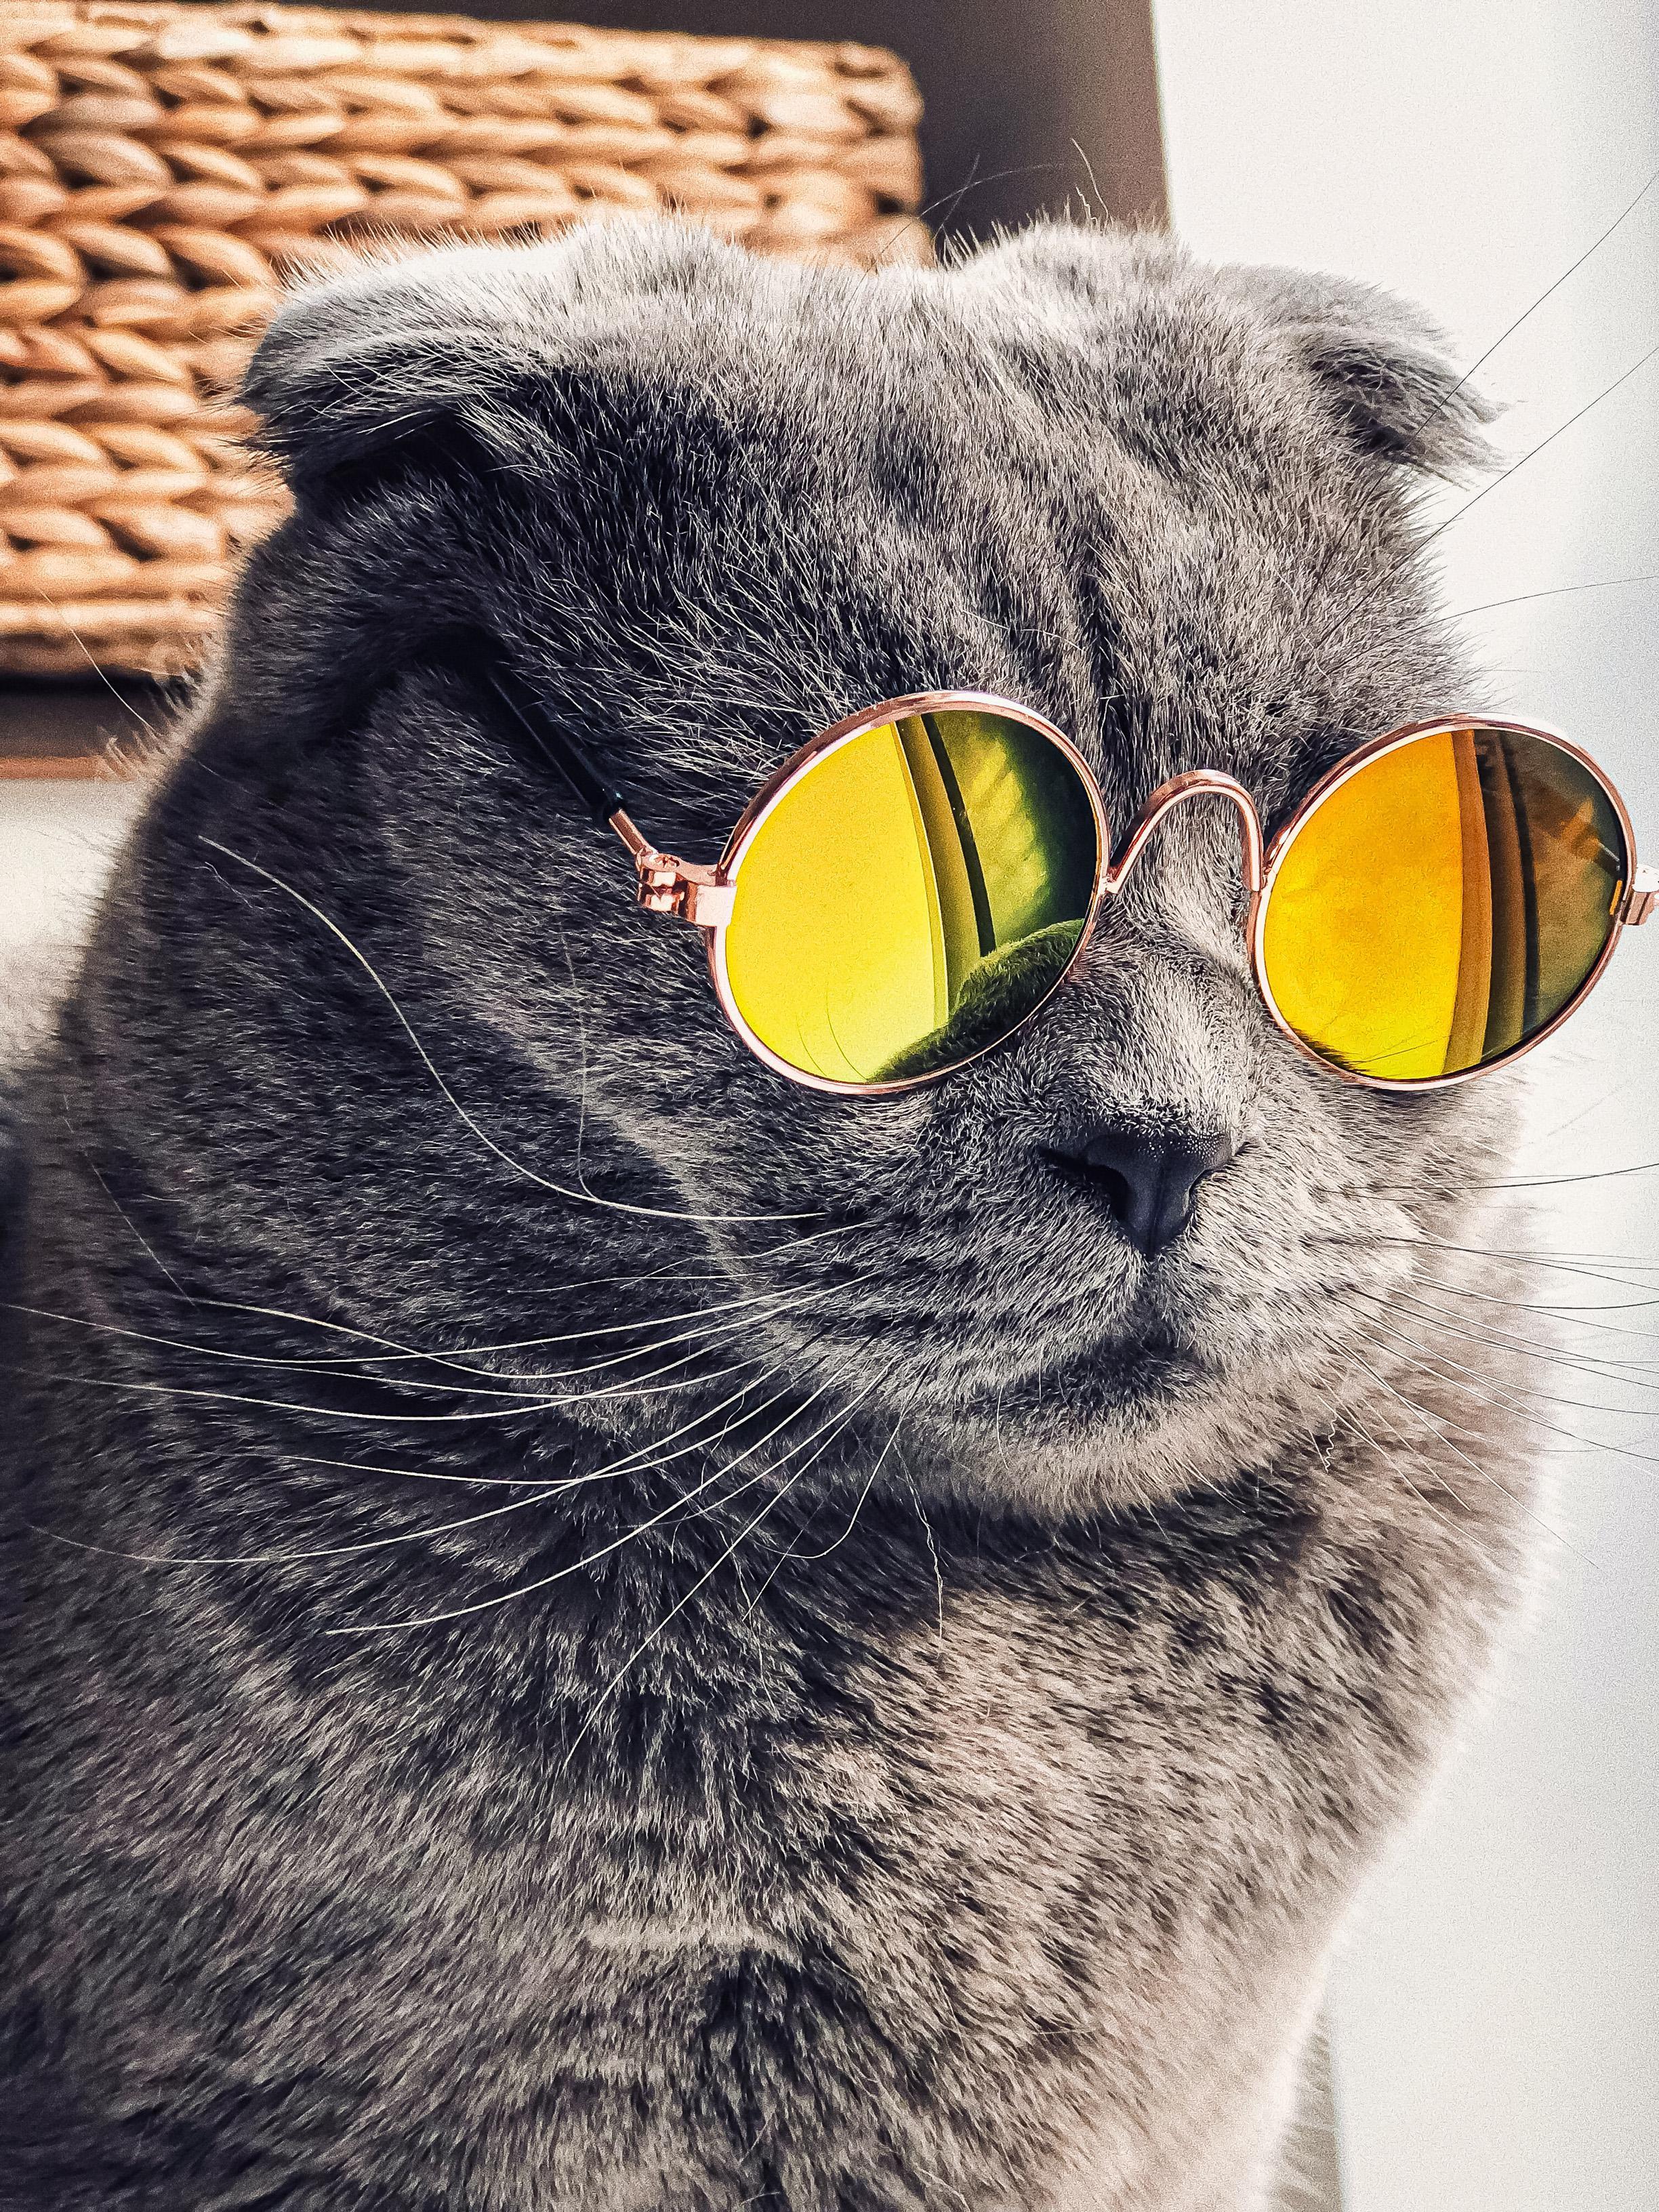 عکس زمینه گربه ناز لاکچری با عینک های طلایی پس زمینه